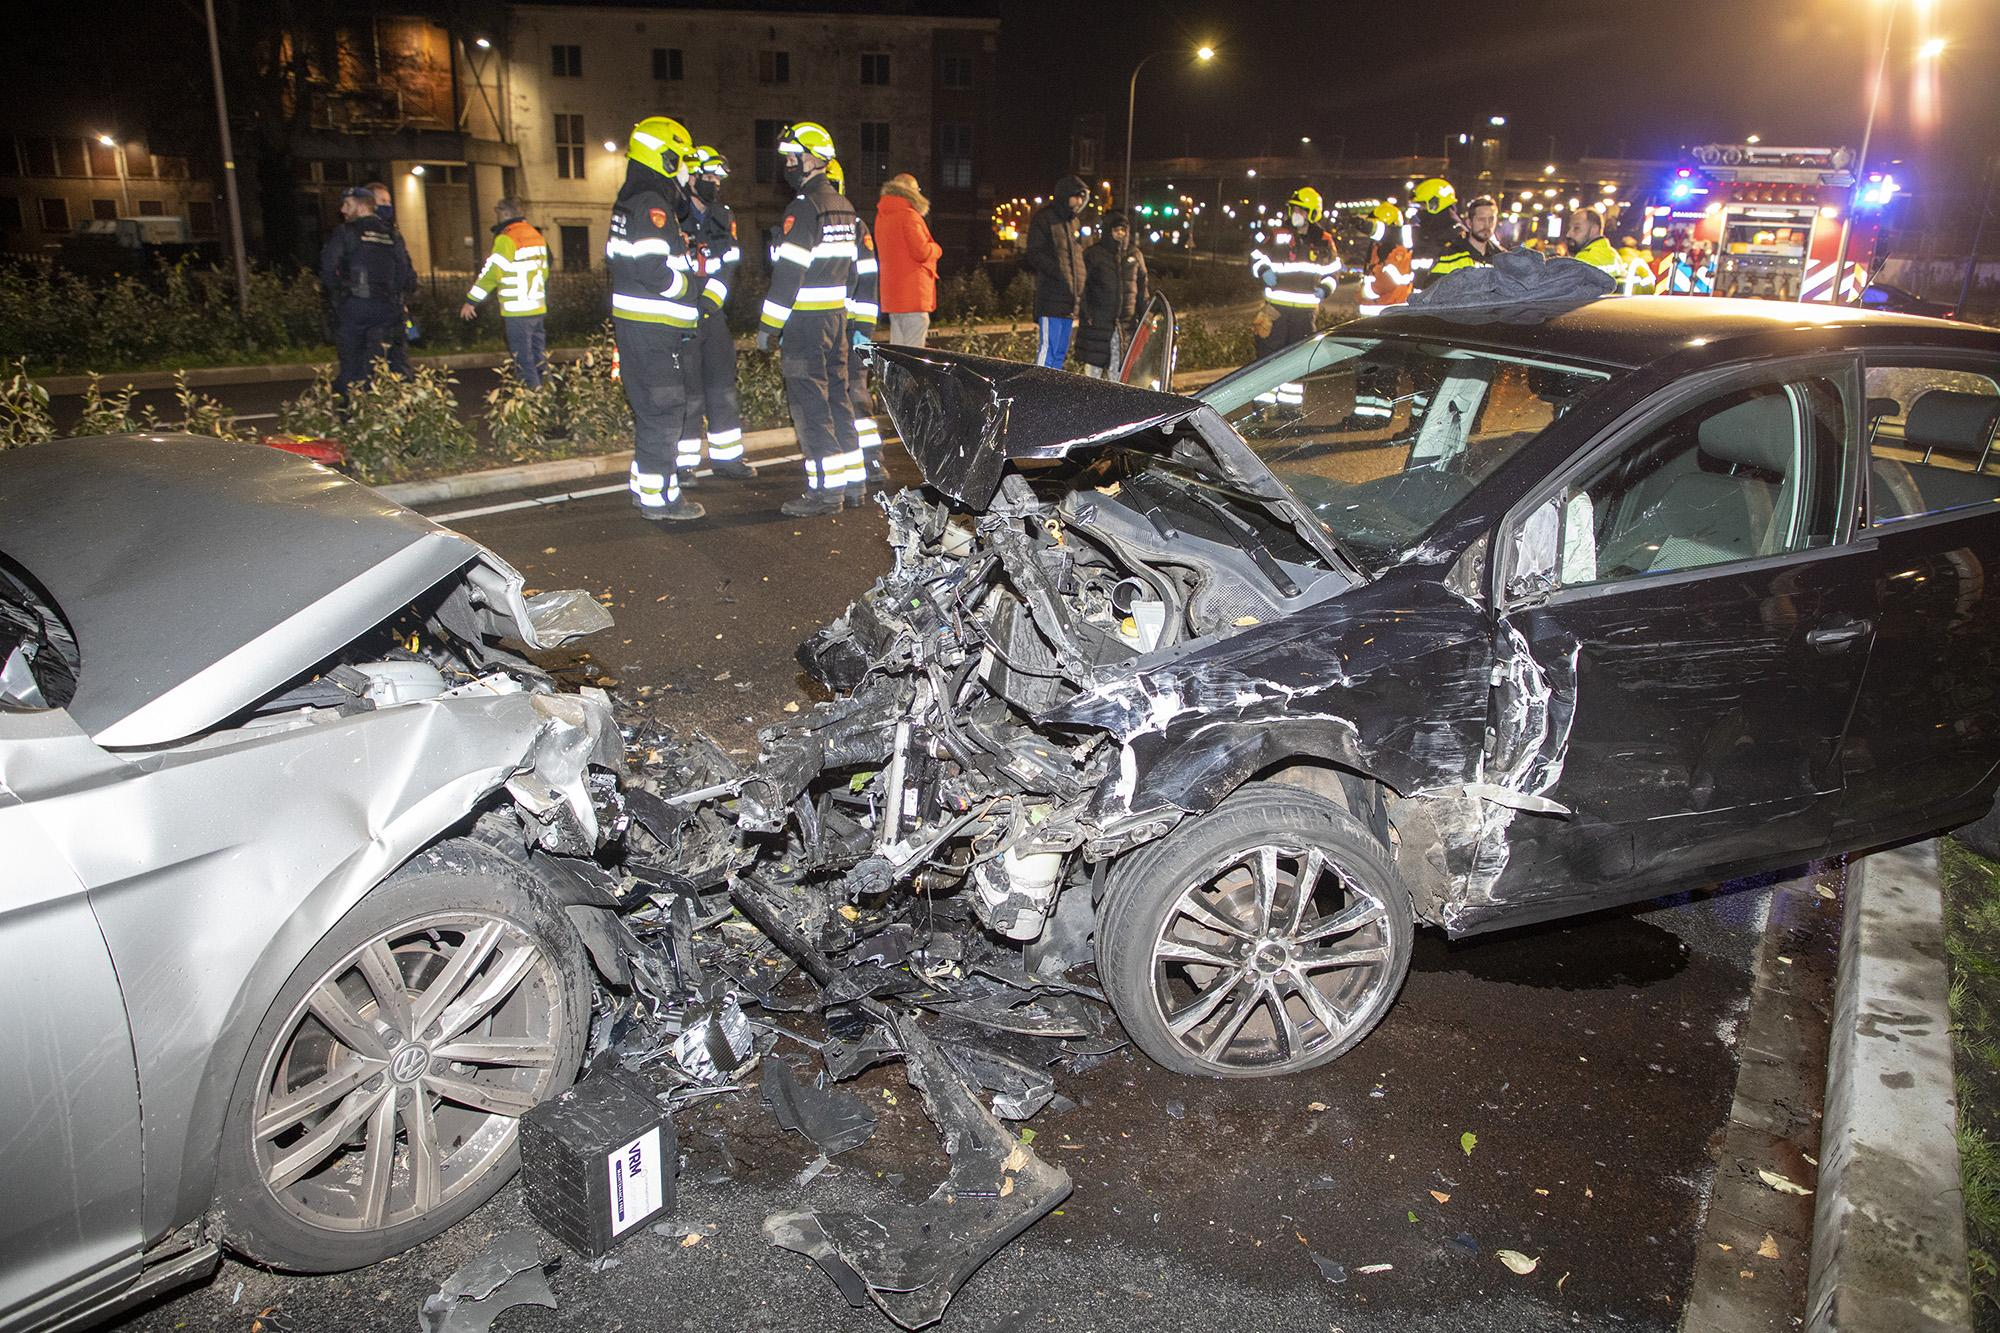 Meerdere auto's betrokken bij ongeval op de N200 in Halfweg, drie gewonden [update]